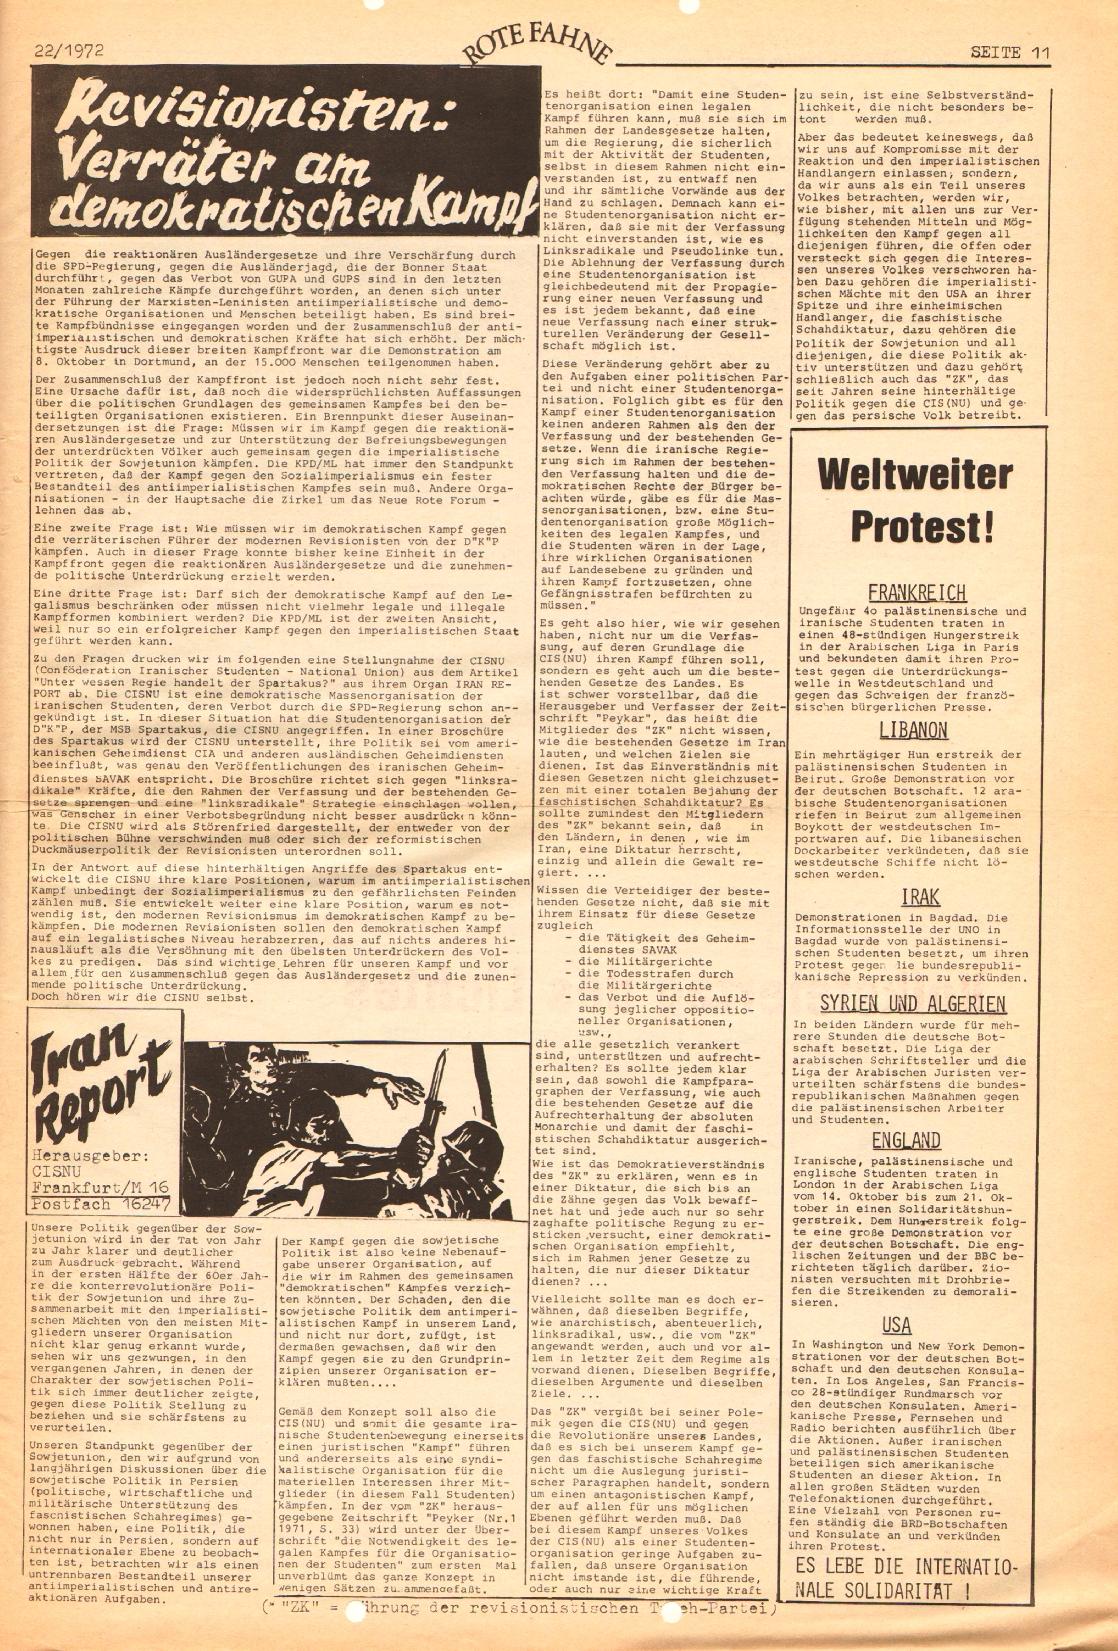 Rote Fahne, 3. Jg., 1.12.1972, Nr. 22, Seite 11